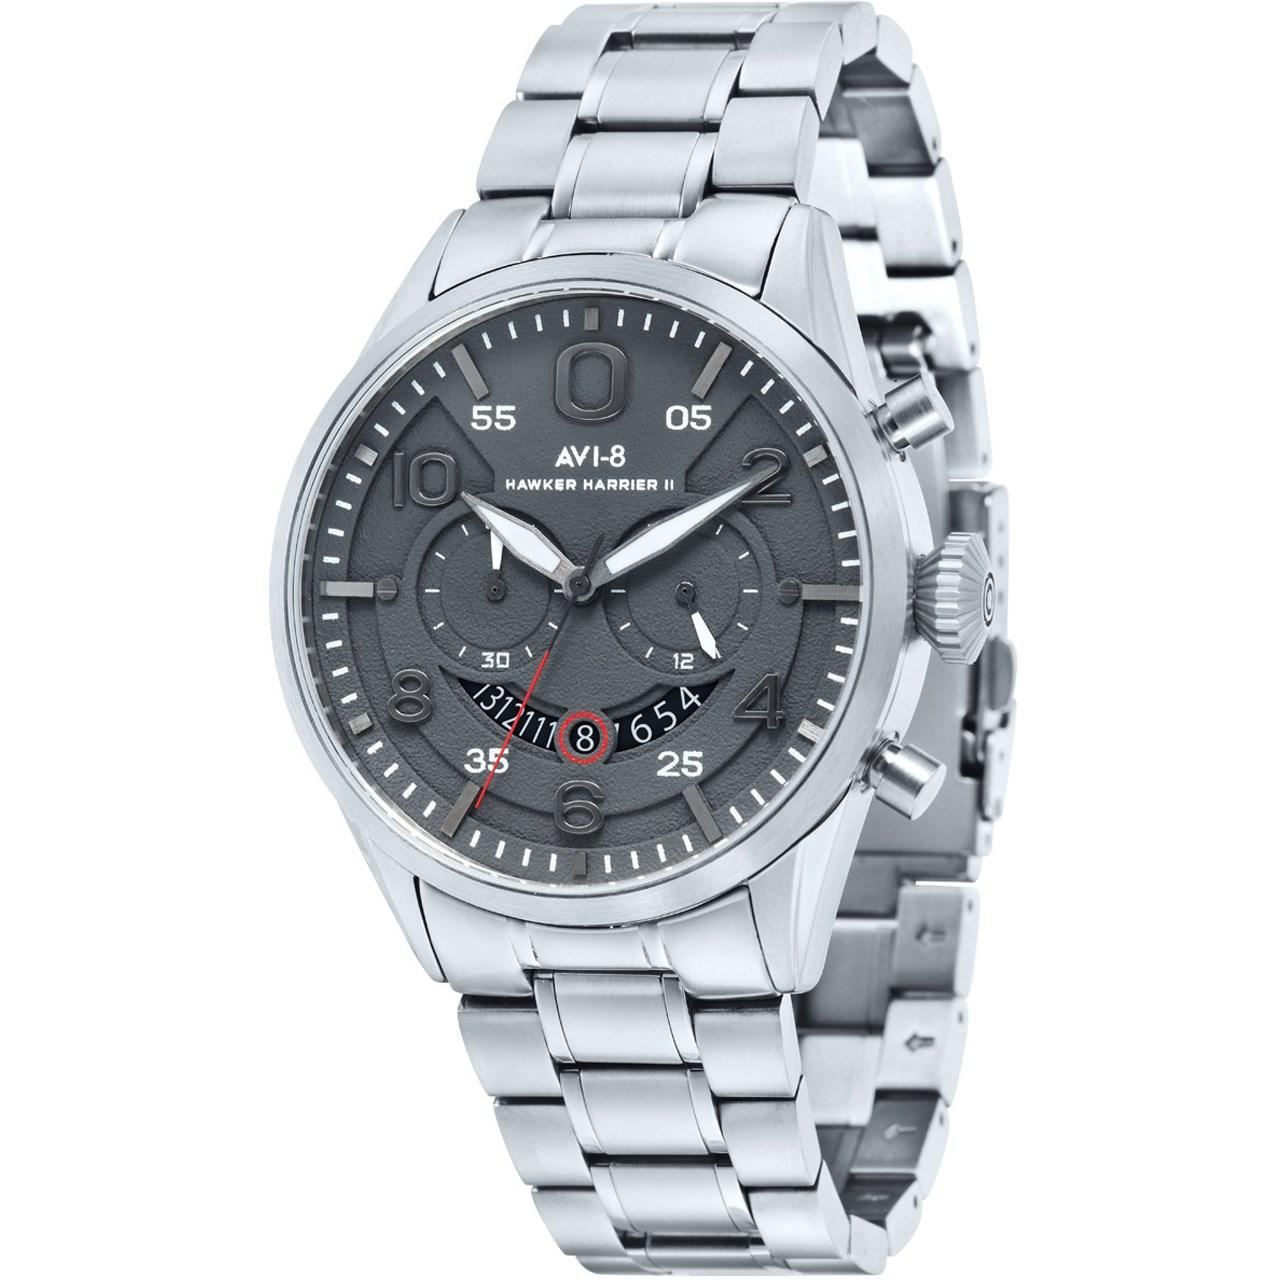 ساعت مچی عقربه ای مردانه ای وی-8 مدل AV-4031-11